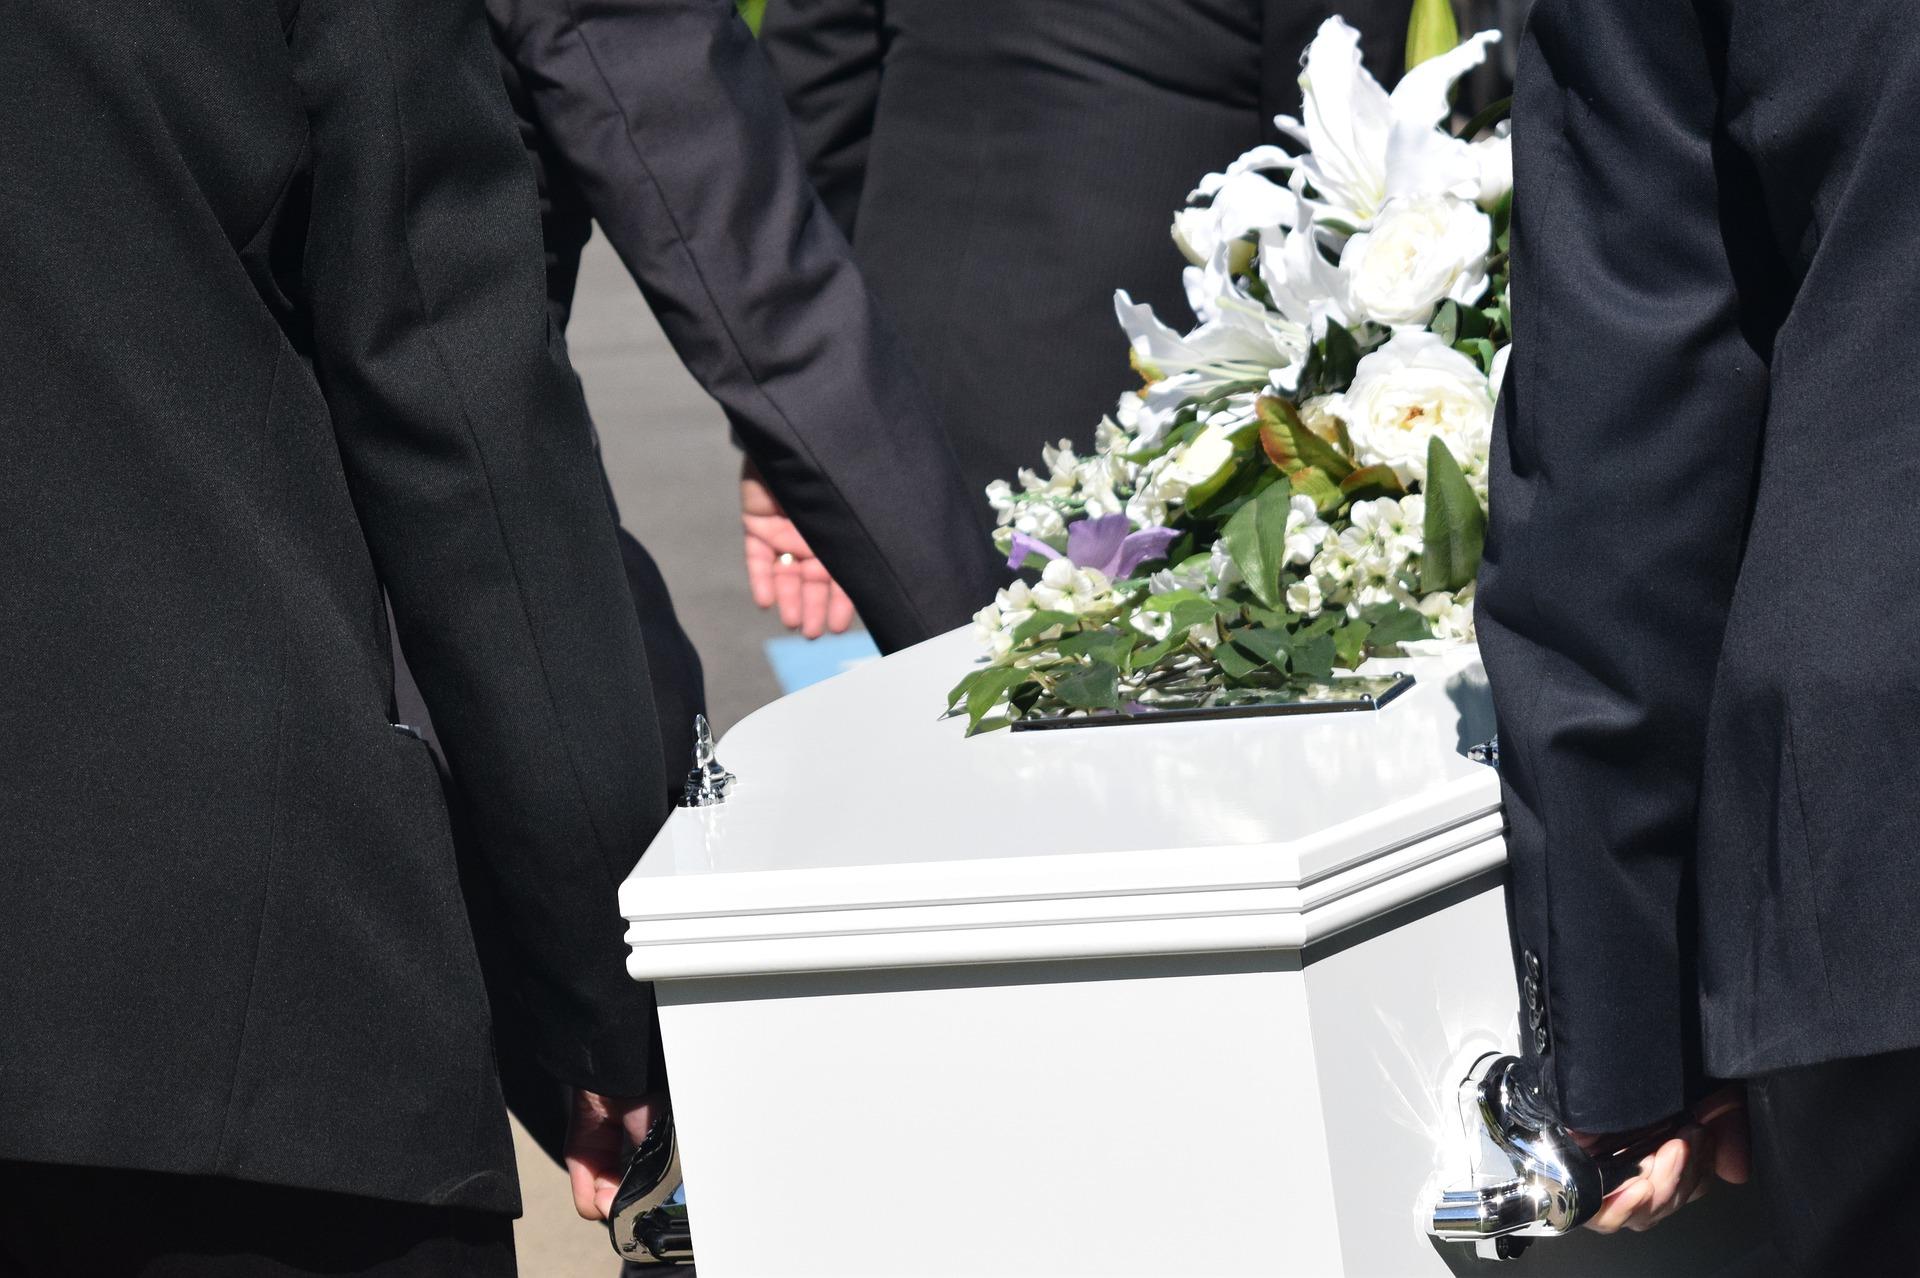 葬儀屋の仕事のきついところ7選